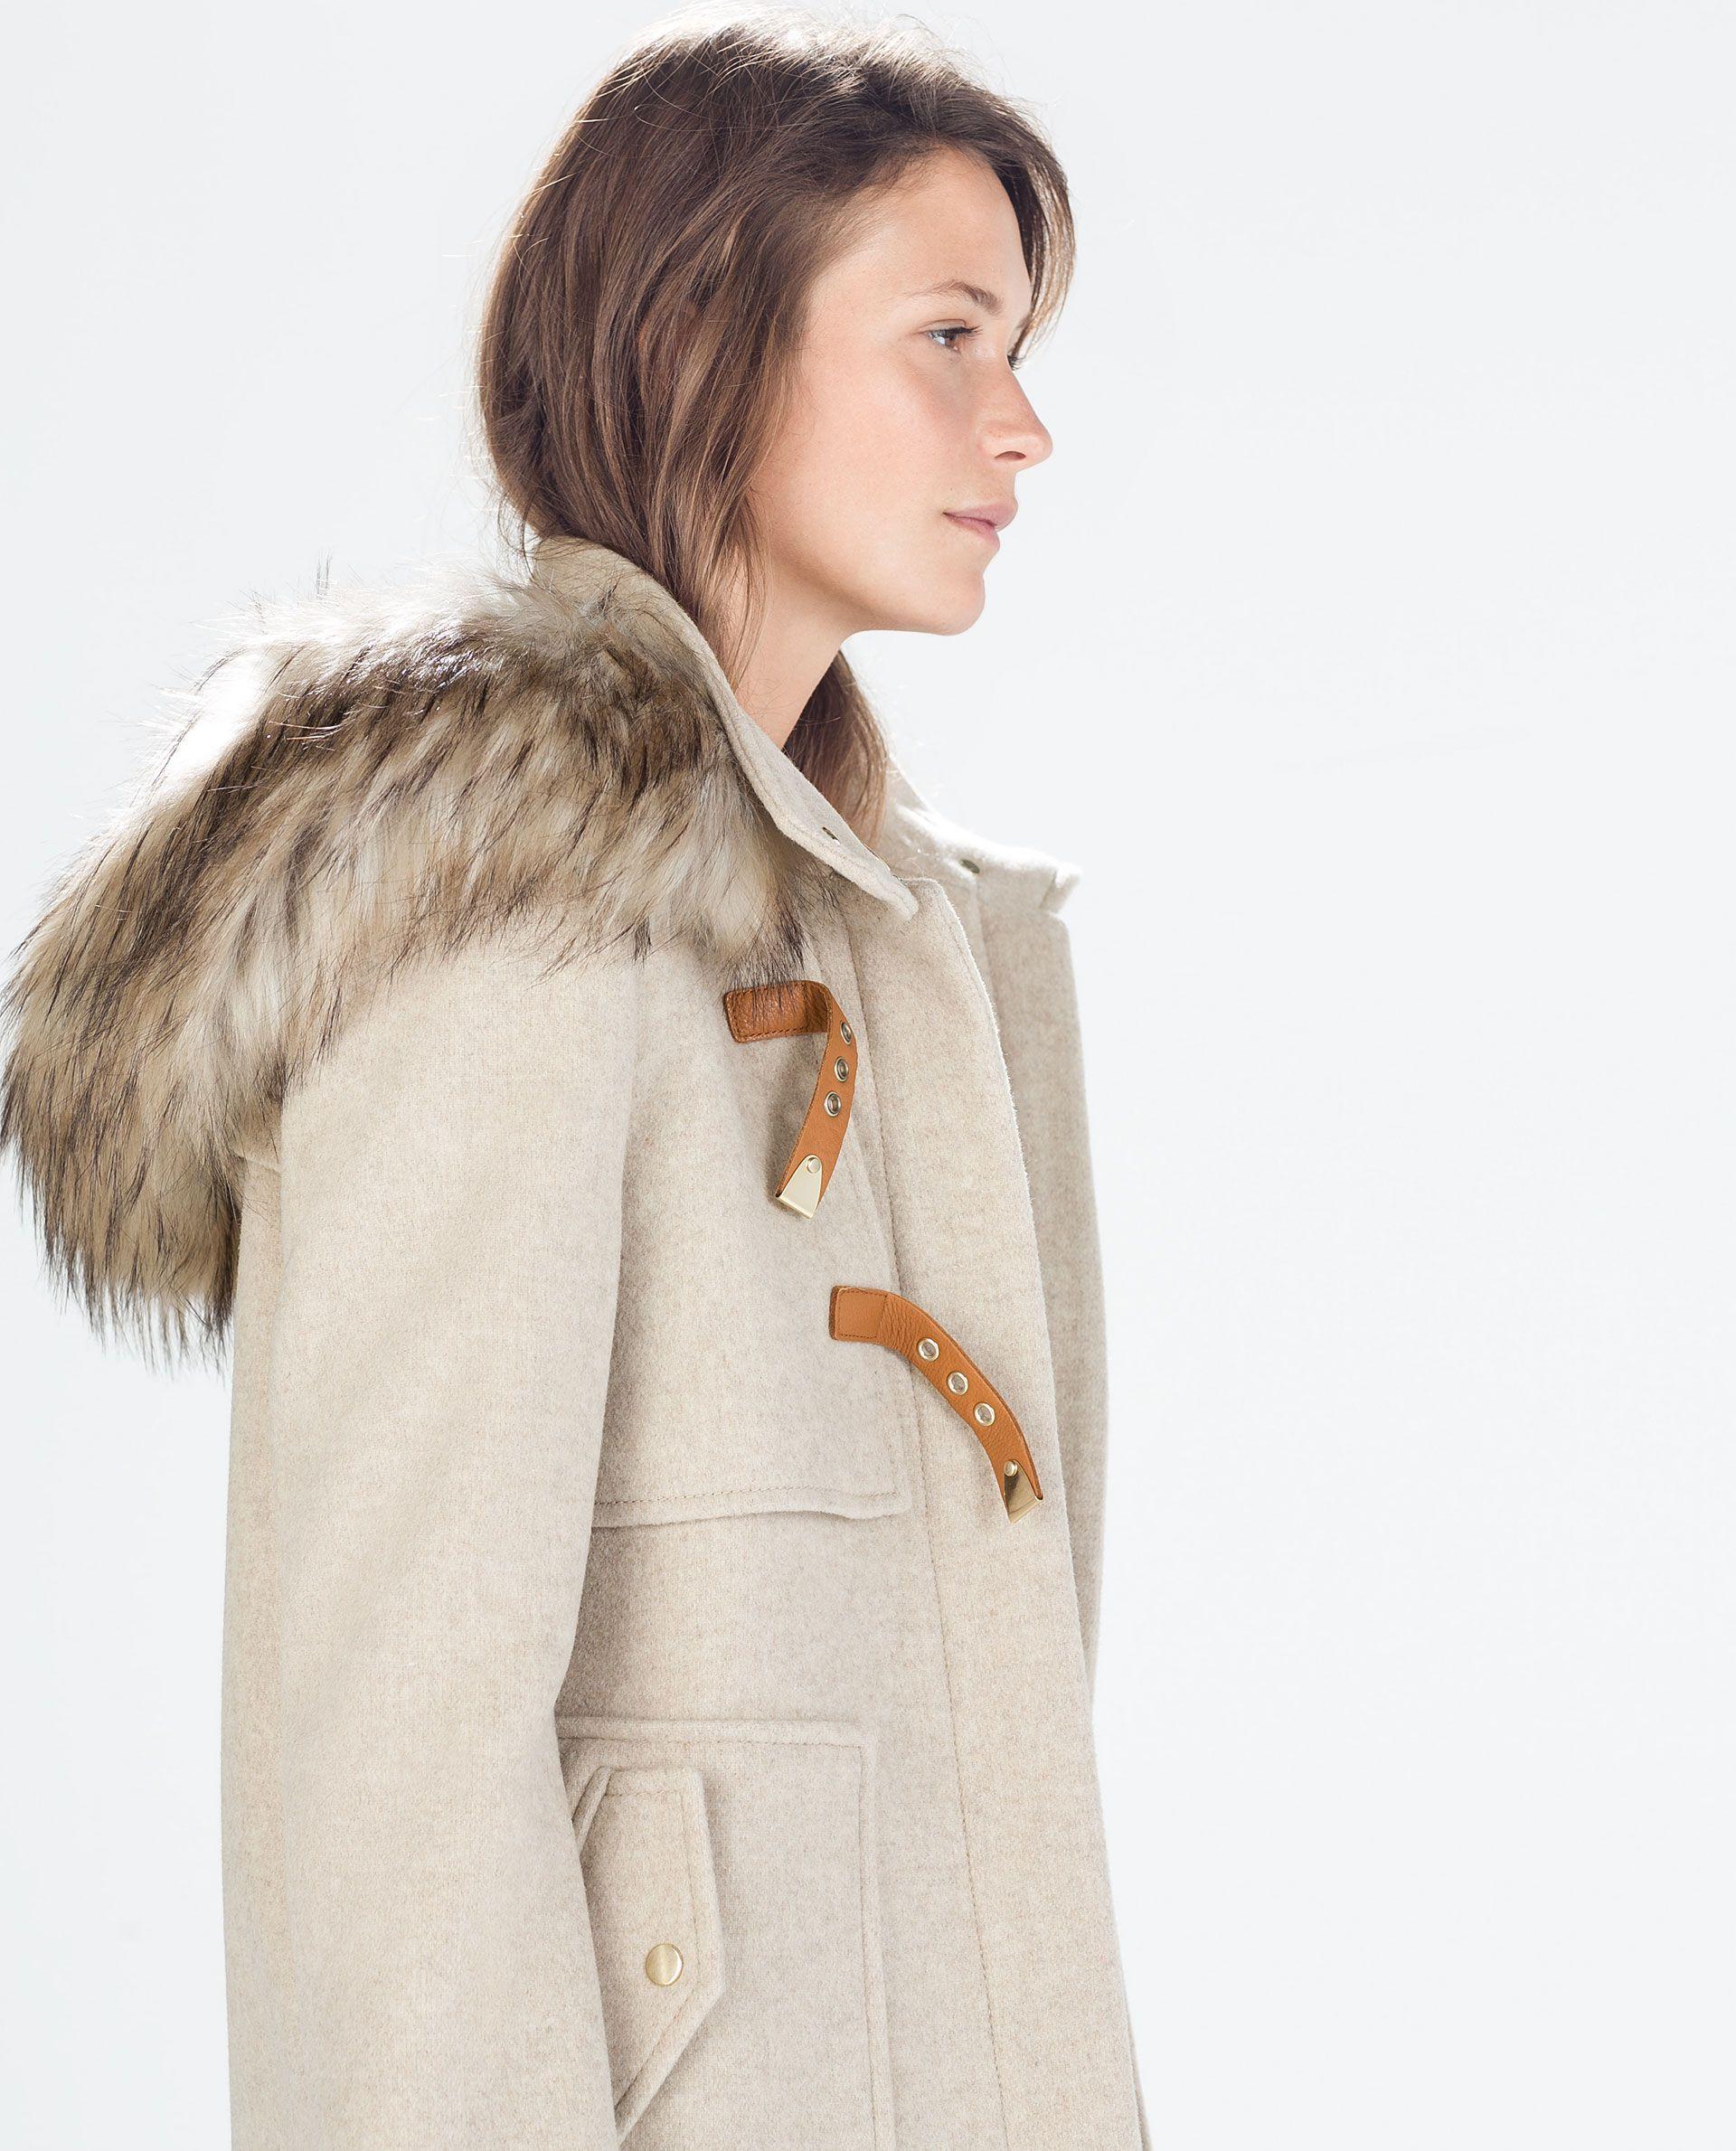 WOOL DUFFLE COAT WITH FUR HOOD from Zara | Fashion | Women&39s